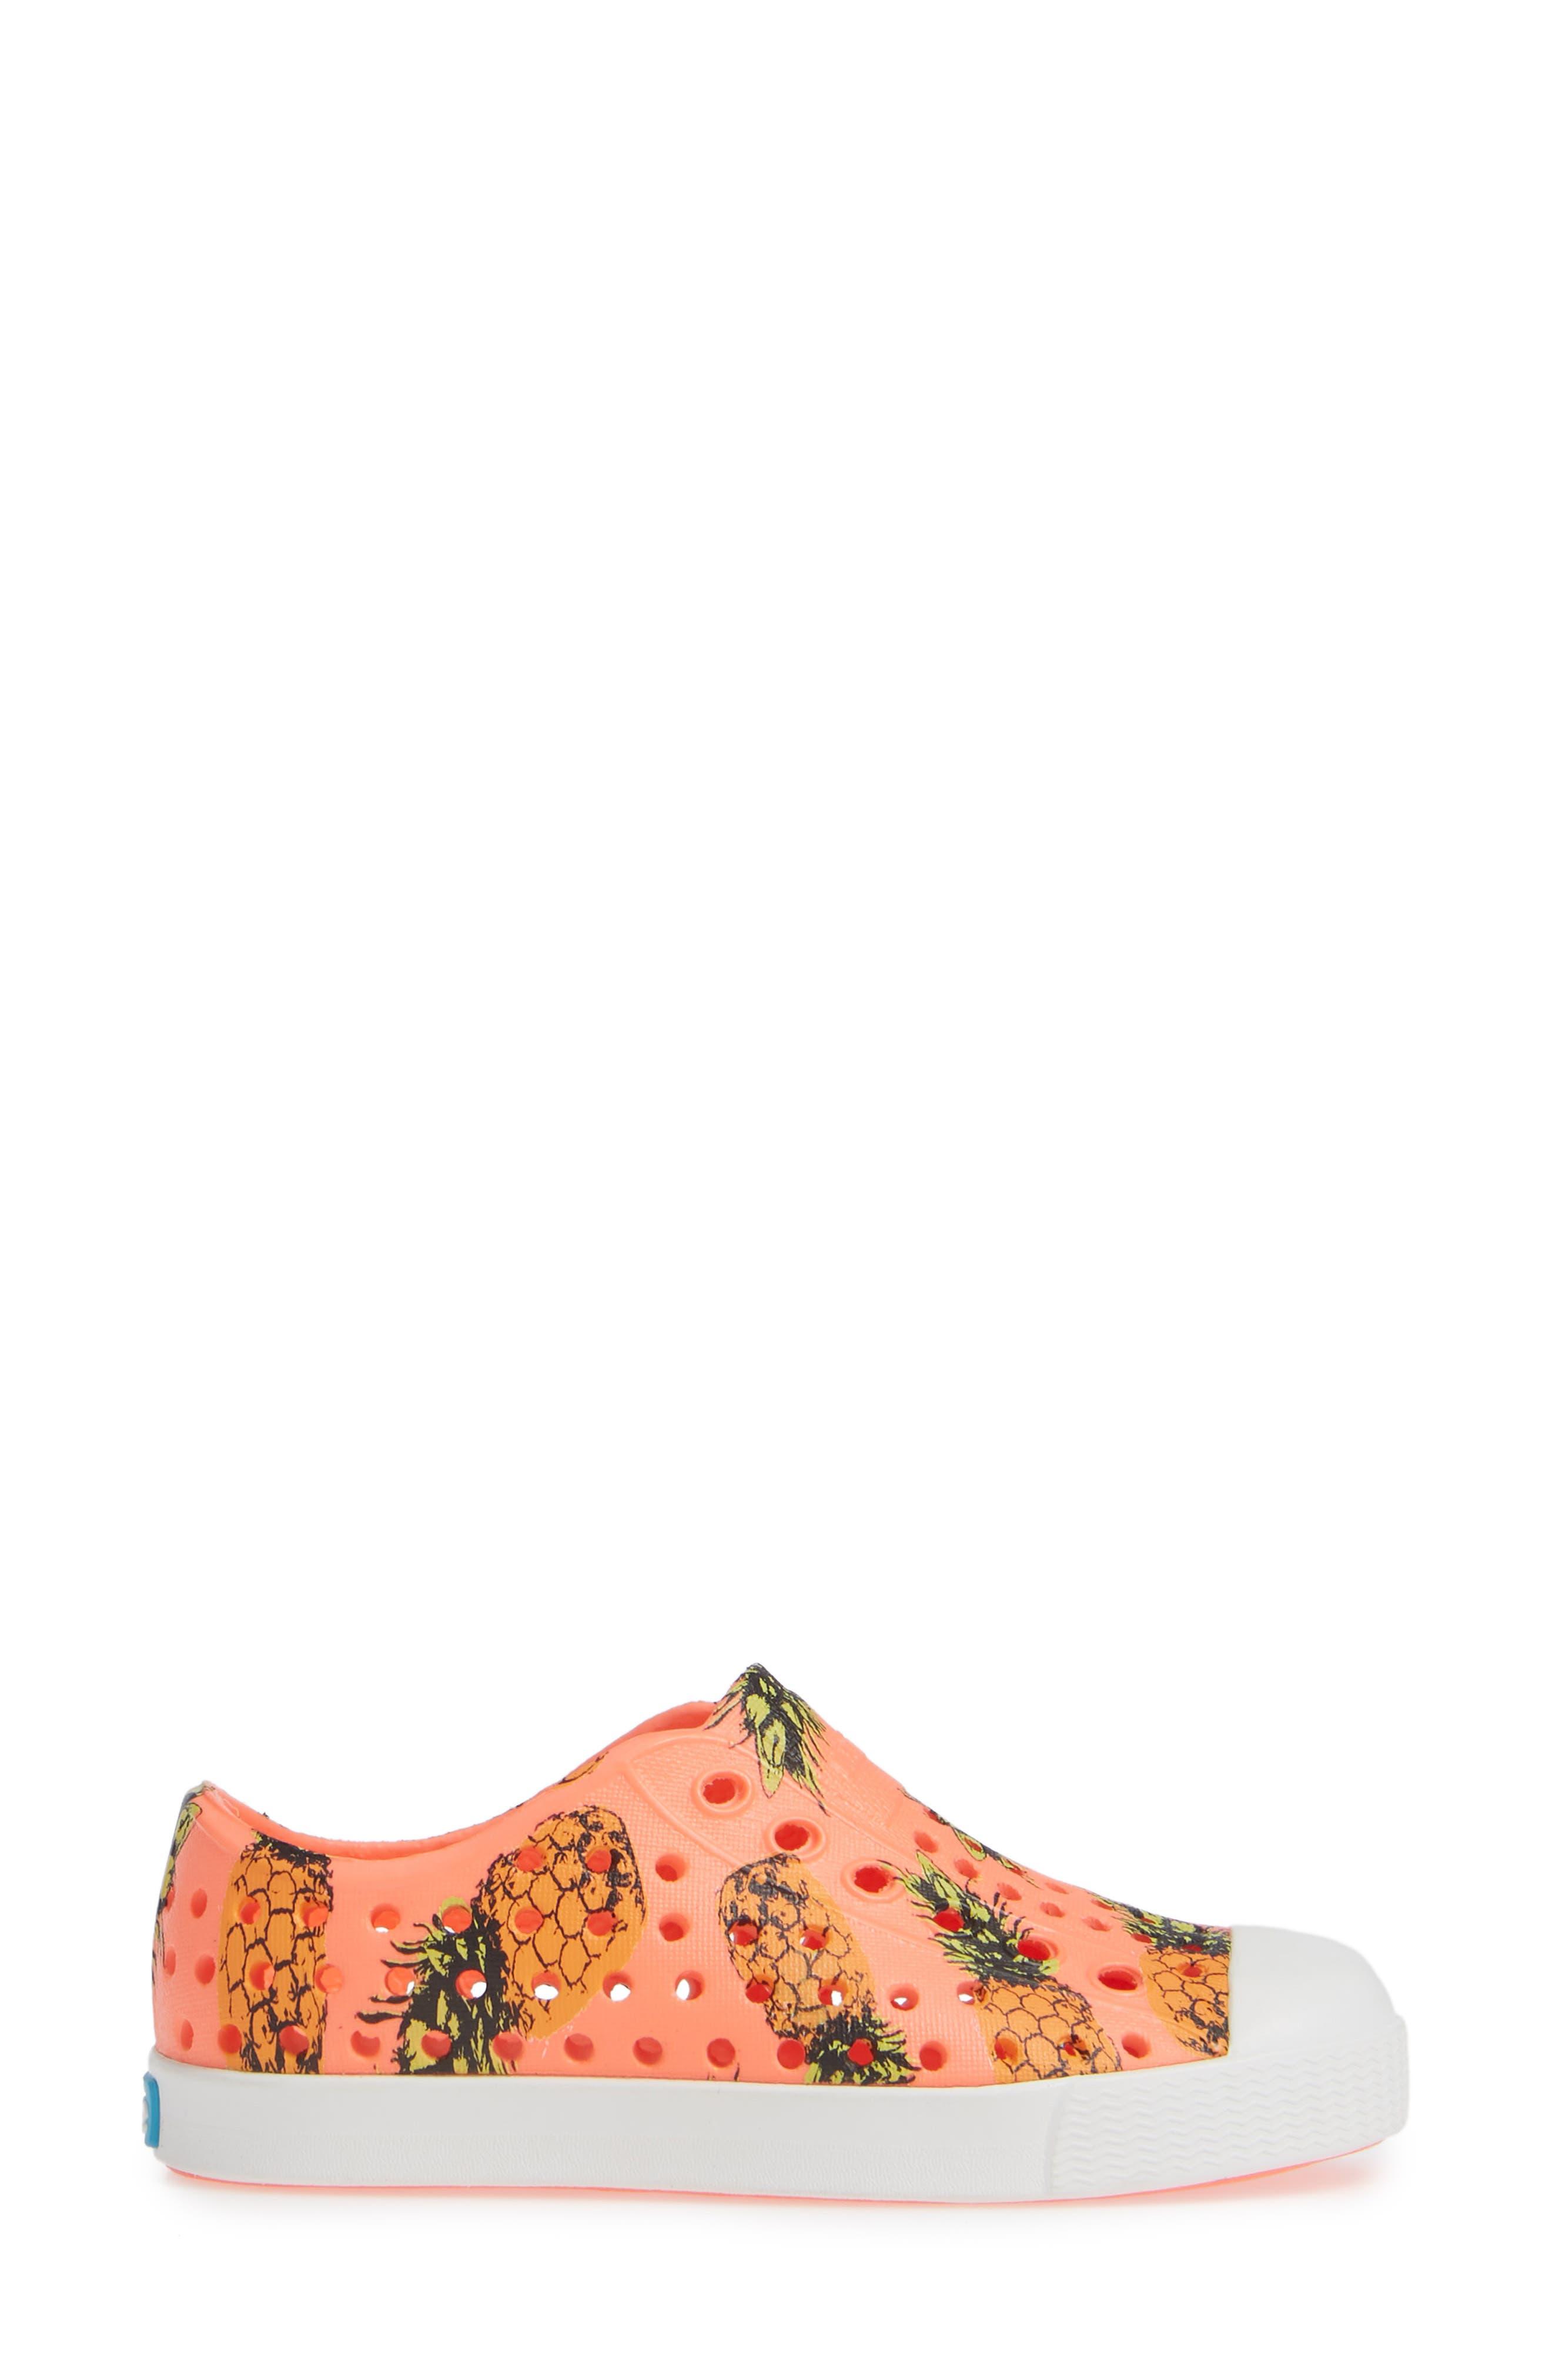 Jefferson Quartz Slip-On Sneaker,                             Alternate thumbnail 3, color,                             725